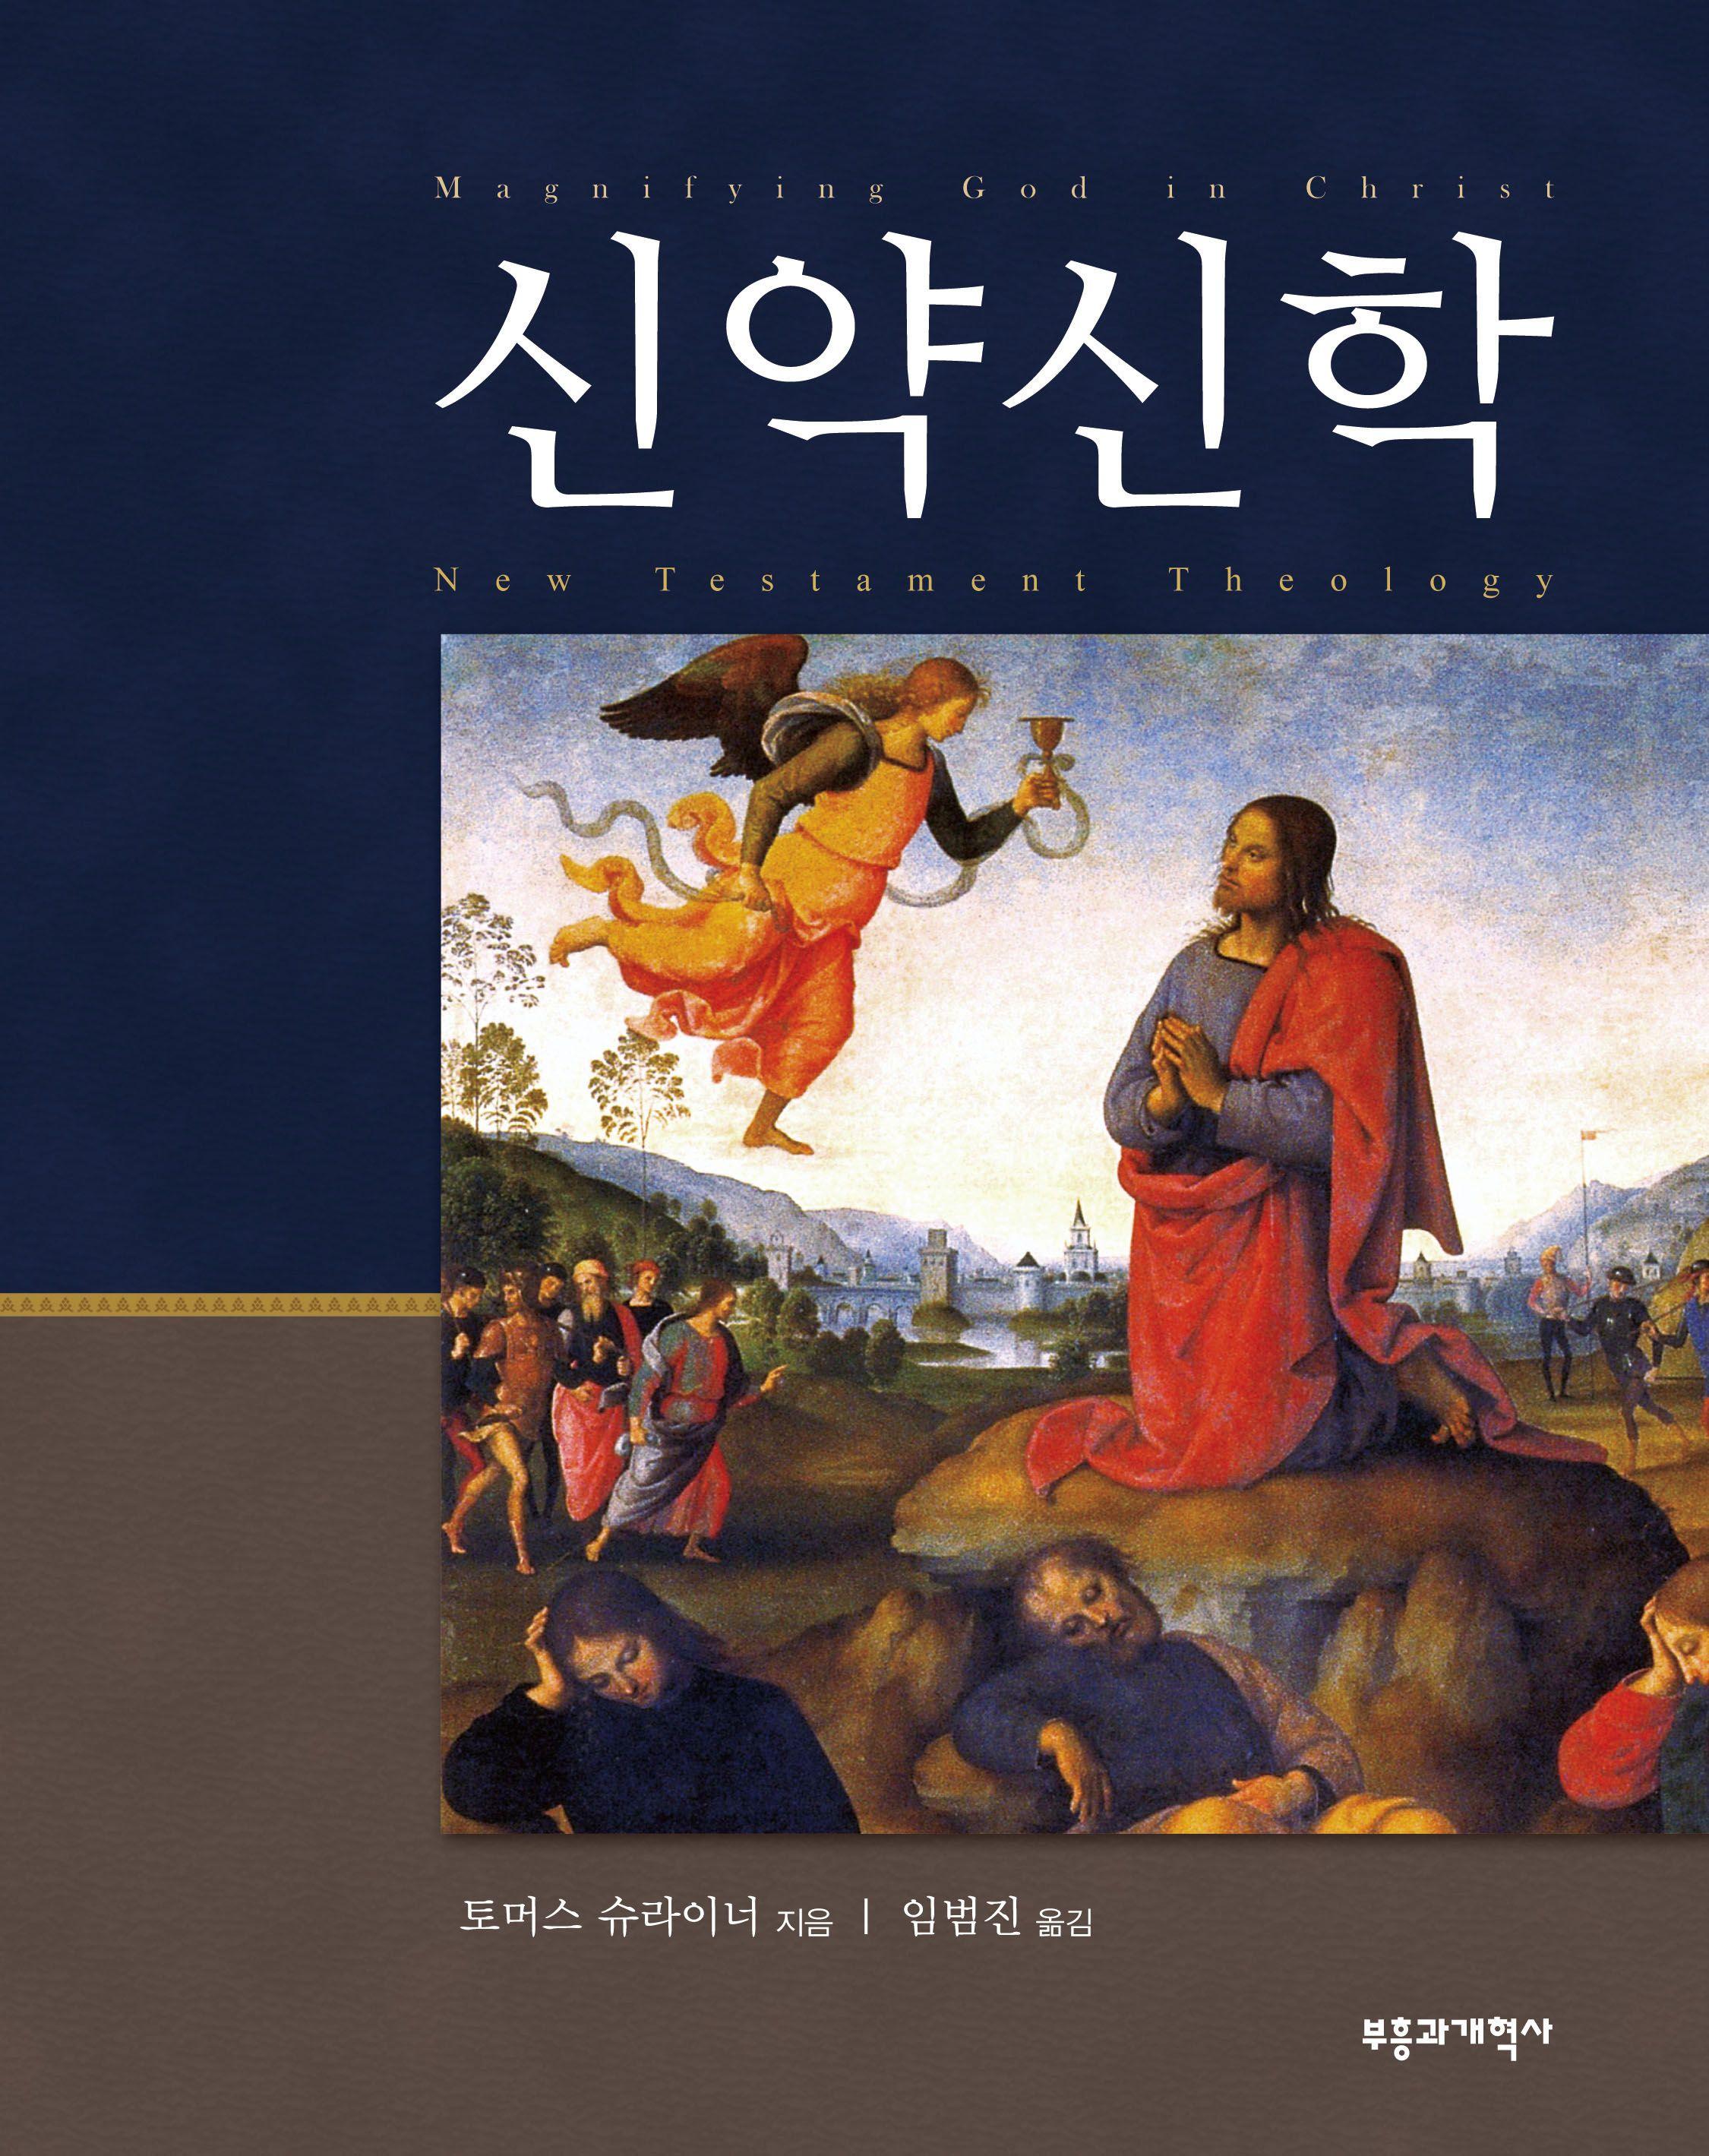 신약신학(New Testament Theology), 토머스 슈라이너 지음, 임범진 옮김, 부흥과개혁사 / 표지 디자인, Book Cover Design, Revival&Reformation